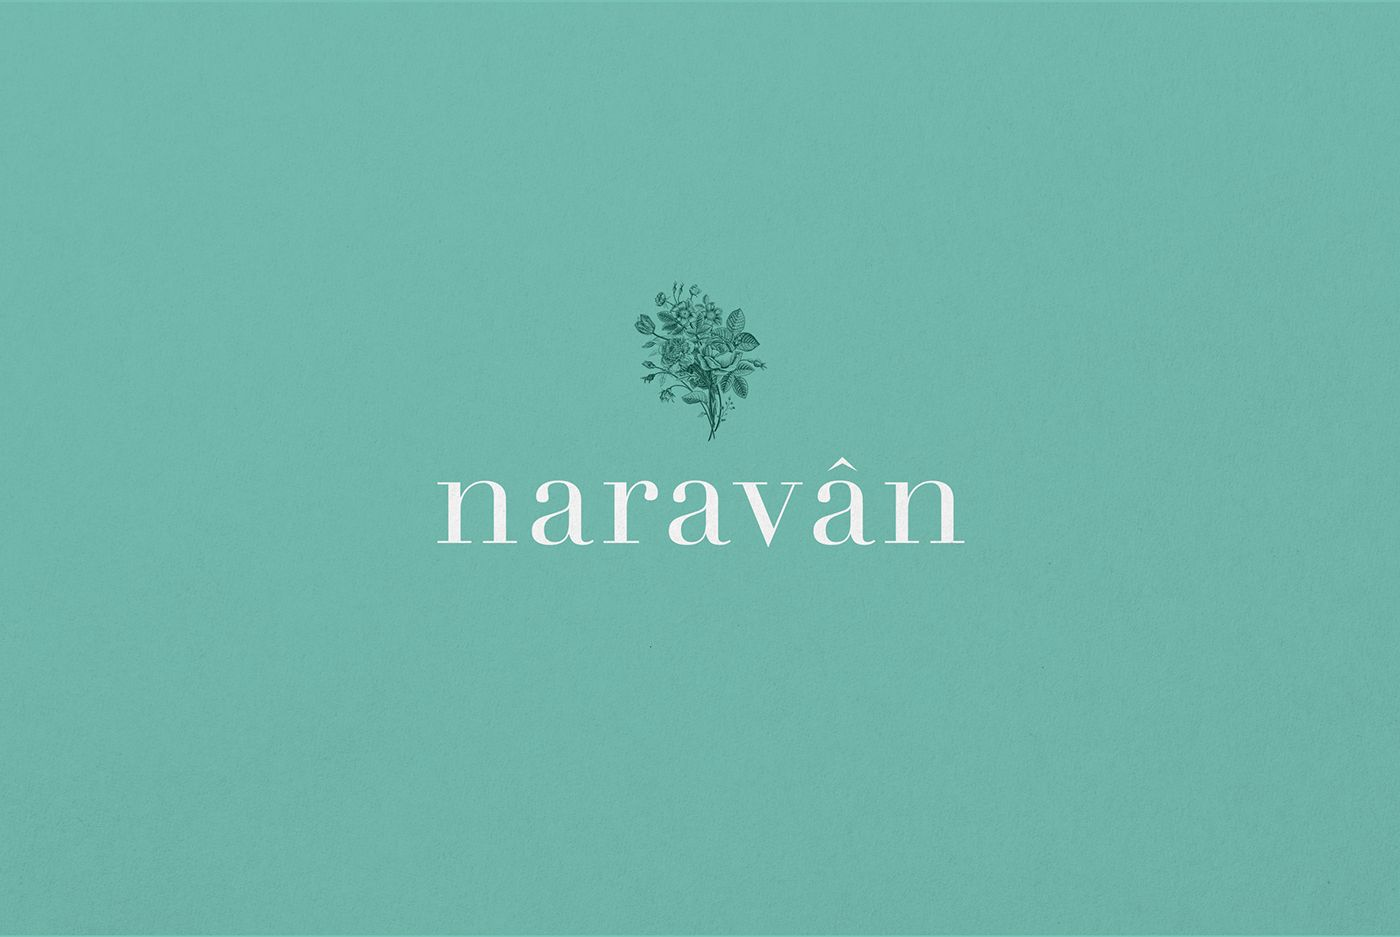 Naravan on Behance